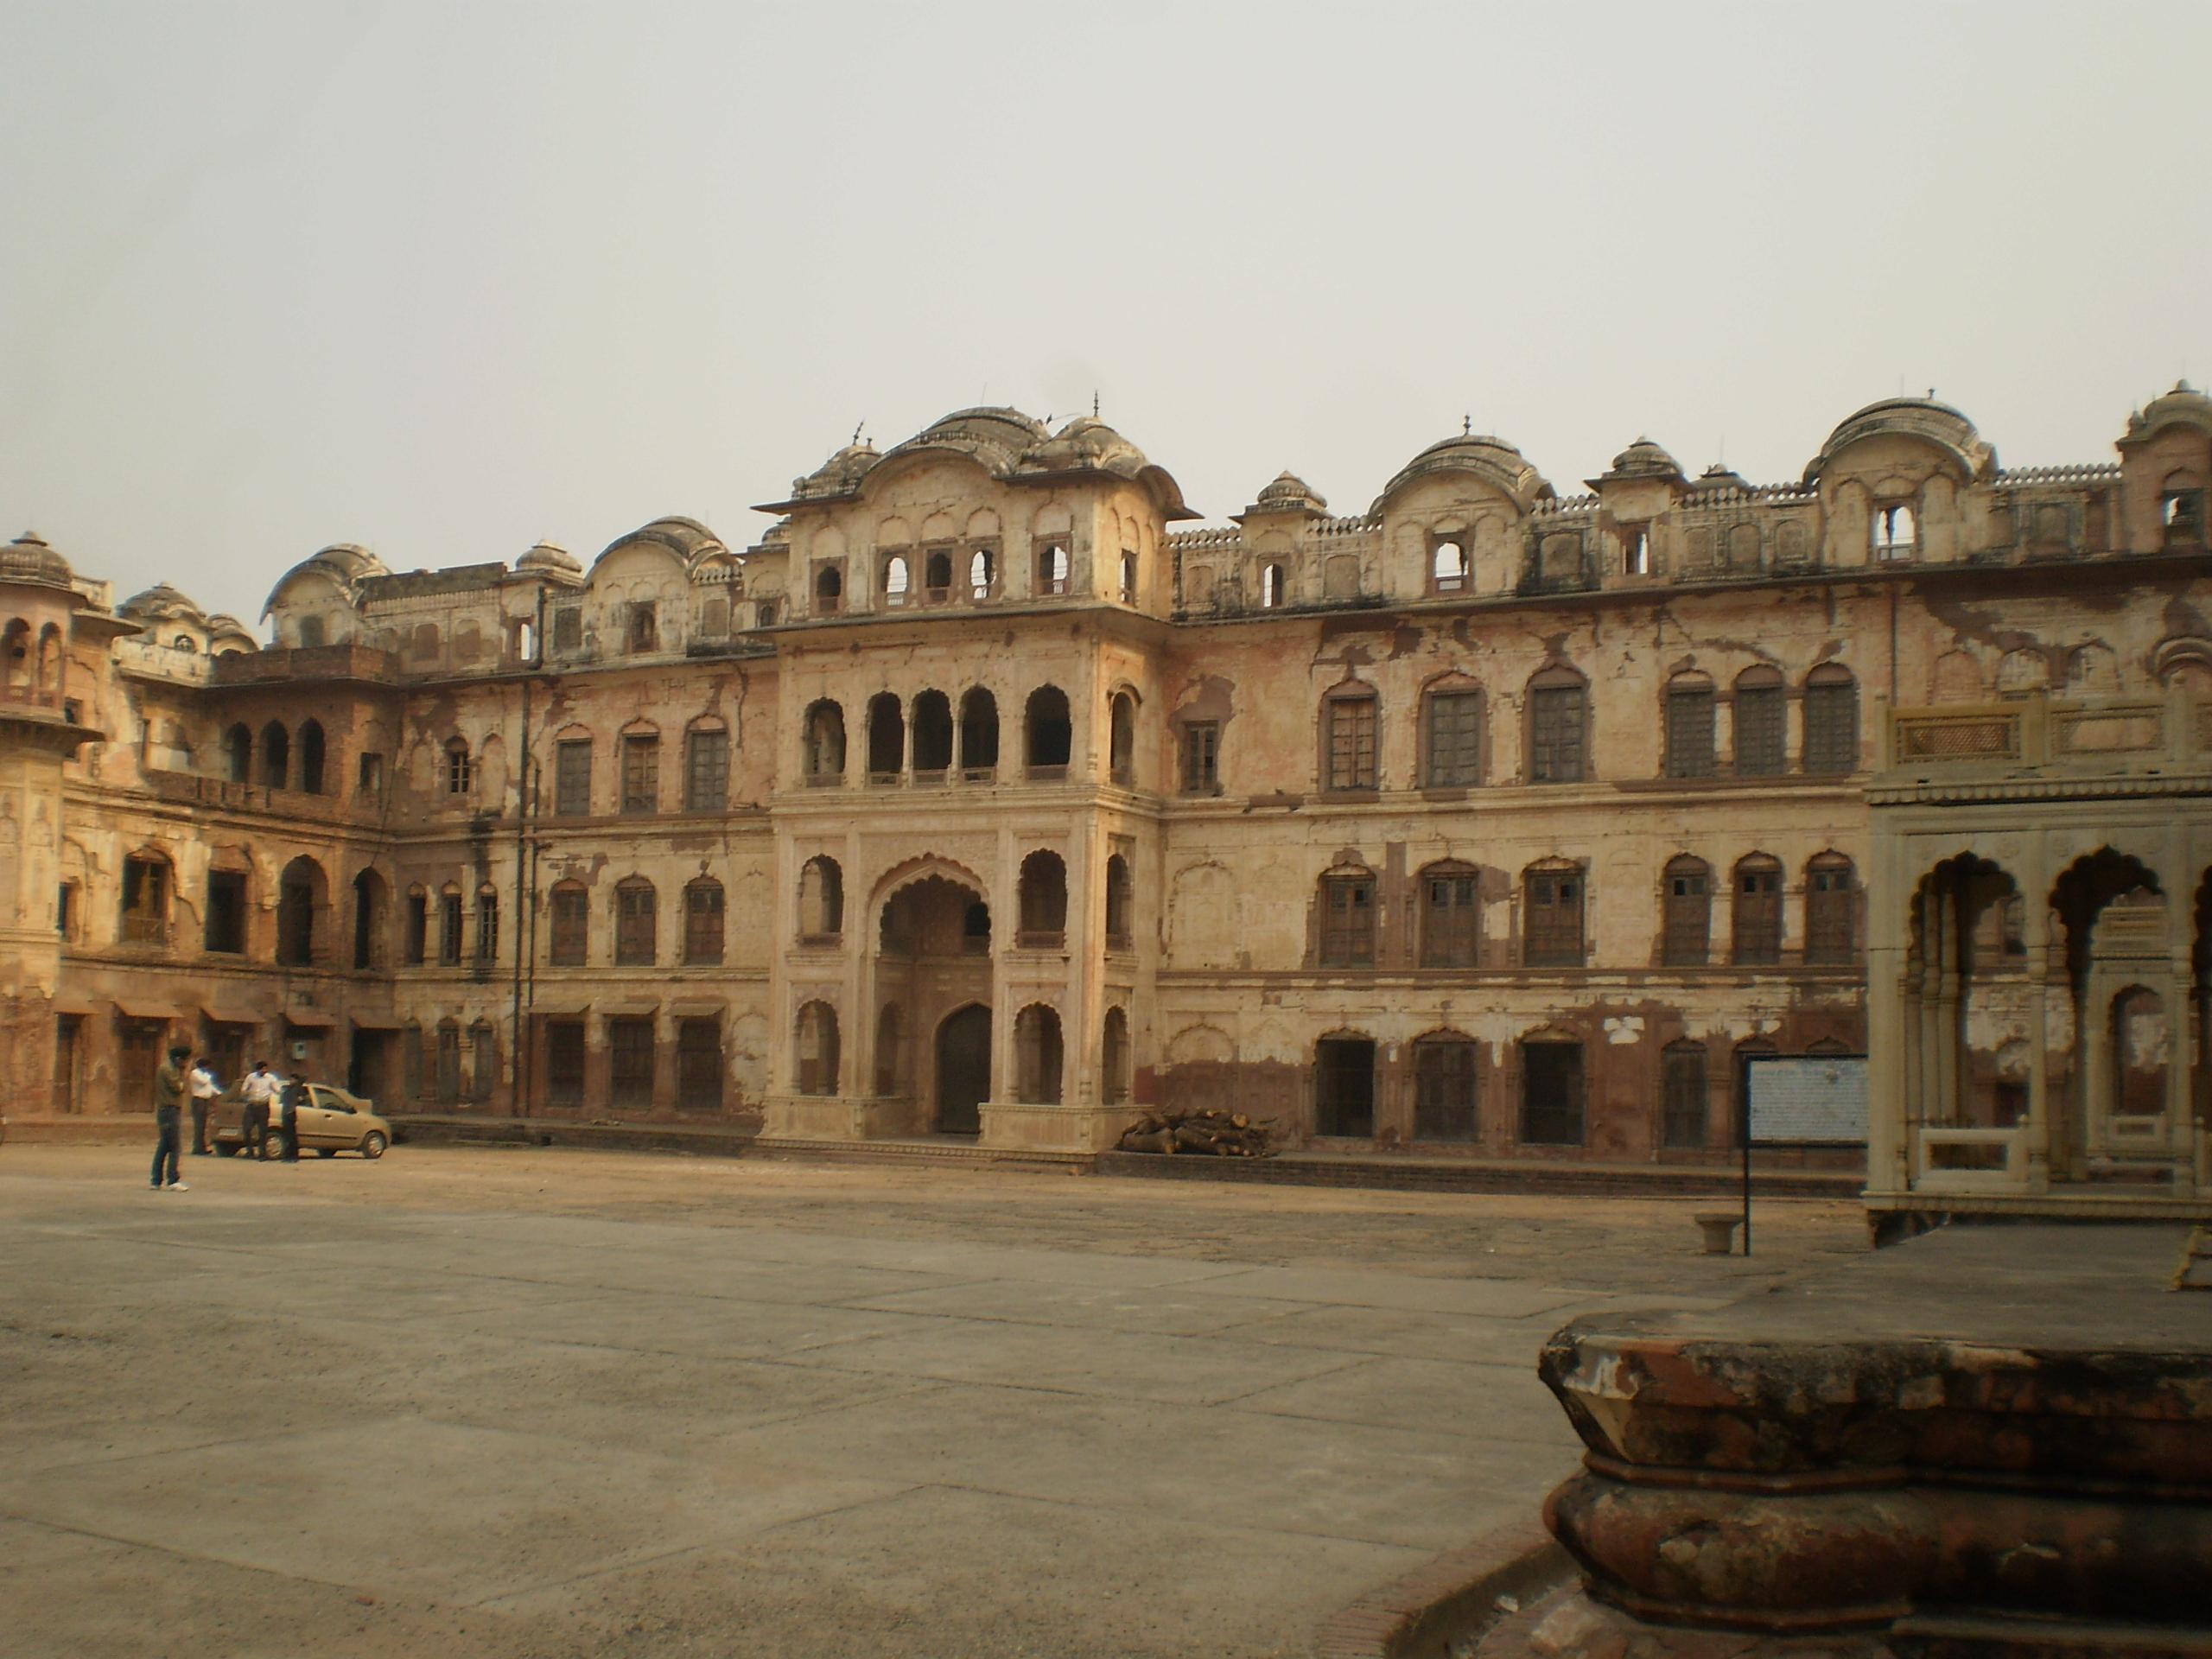 Qila Mubarak Amritsar